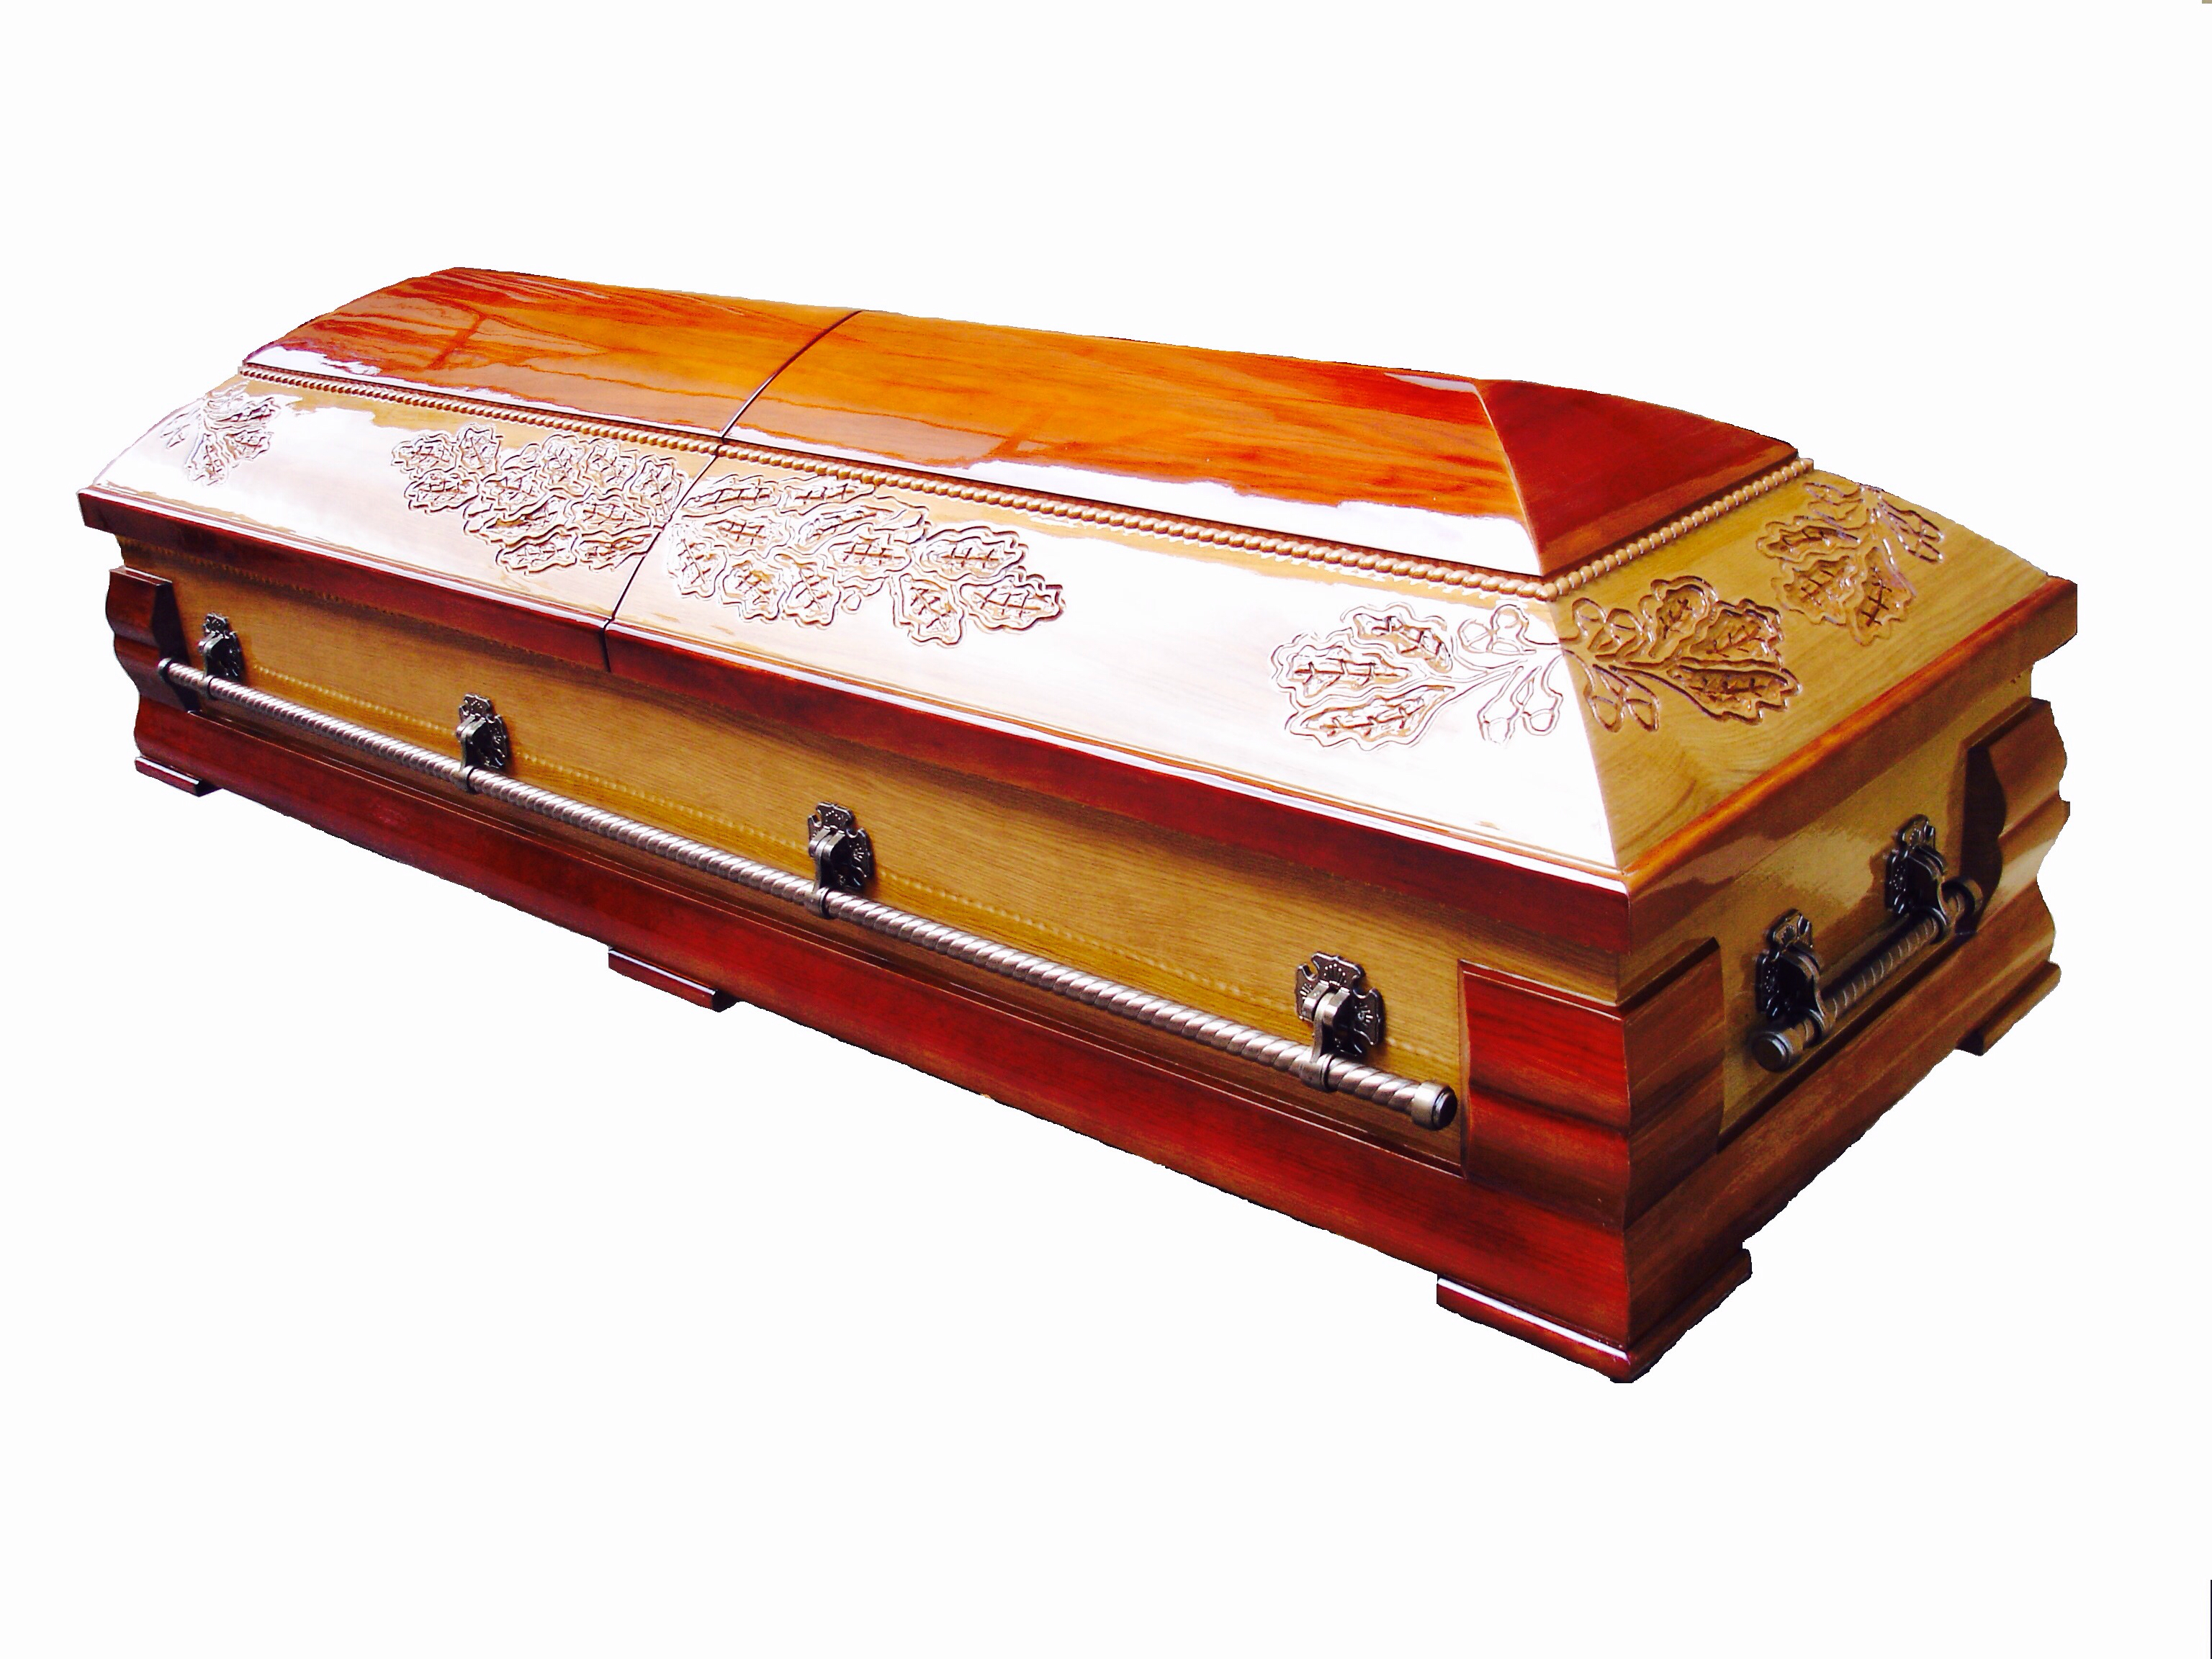 Zārks - sarkofāgs ar ozollapām